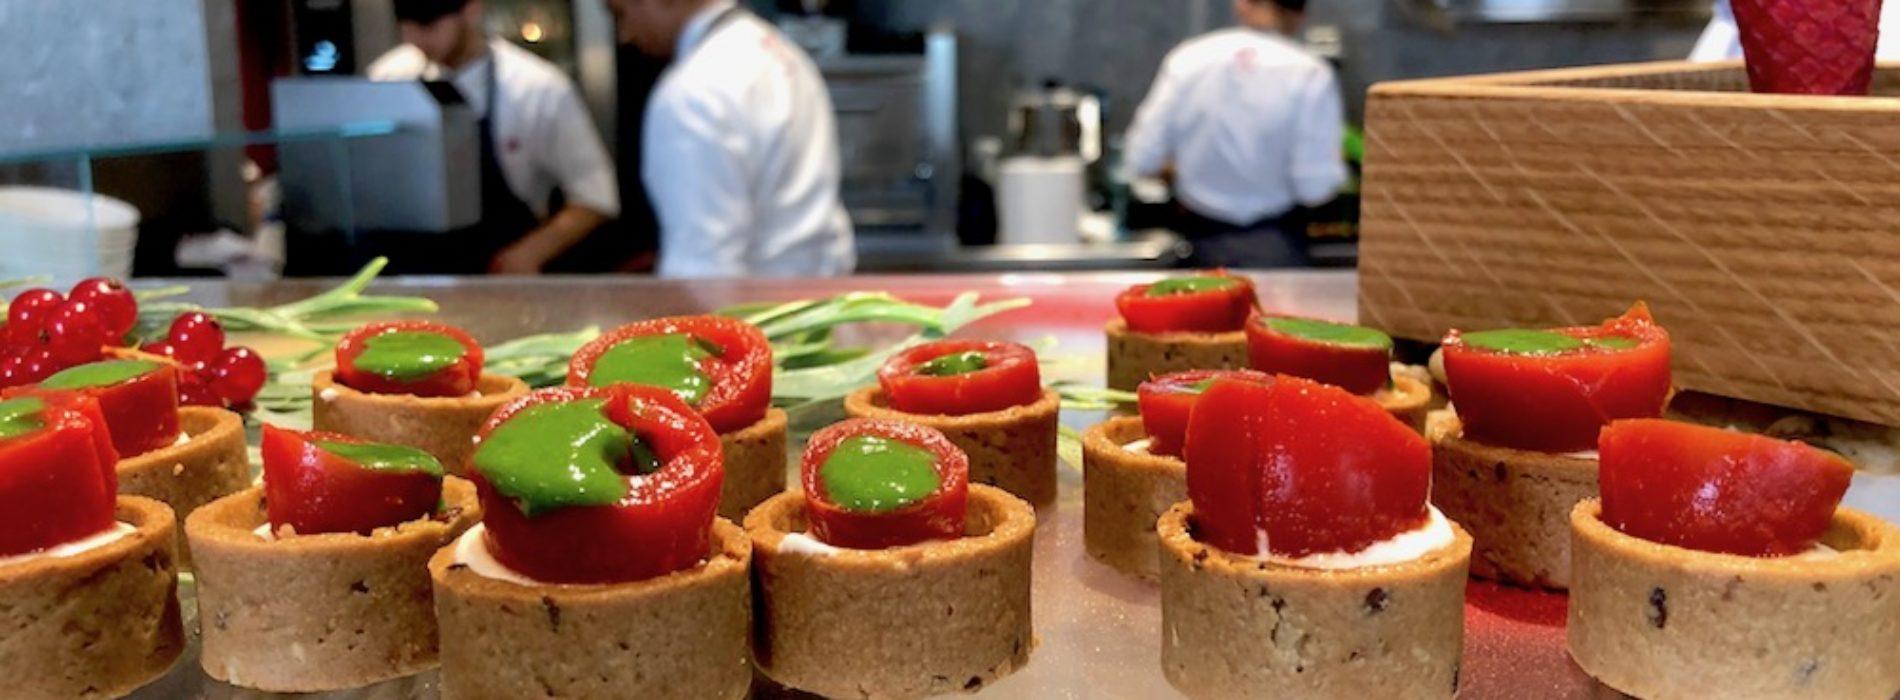 N10 Milano, cosa si mangia nel ristorante di Del Piero in Porta Nuova (che non scontenta nessuno)